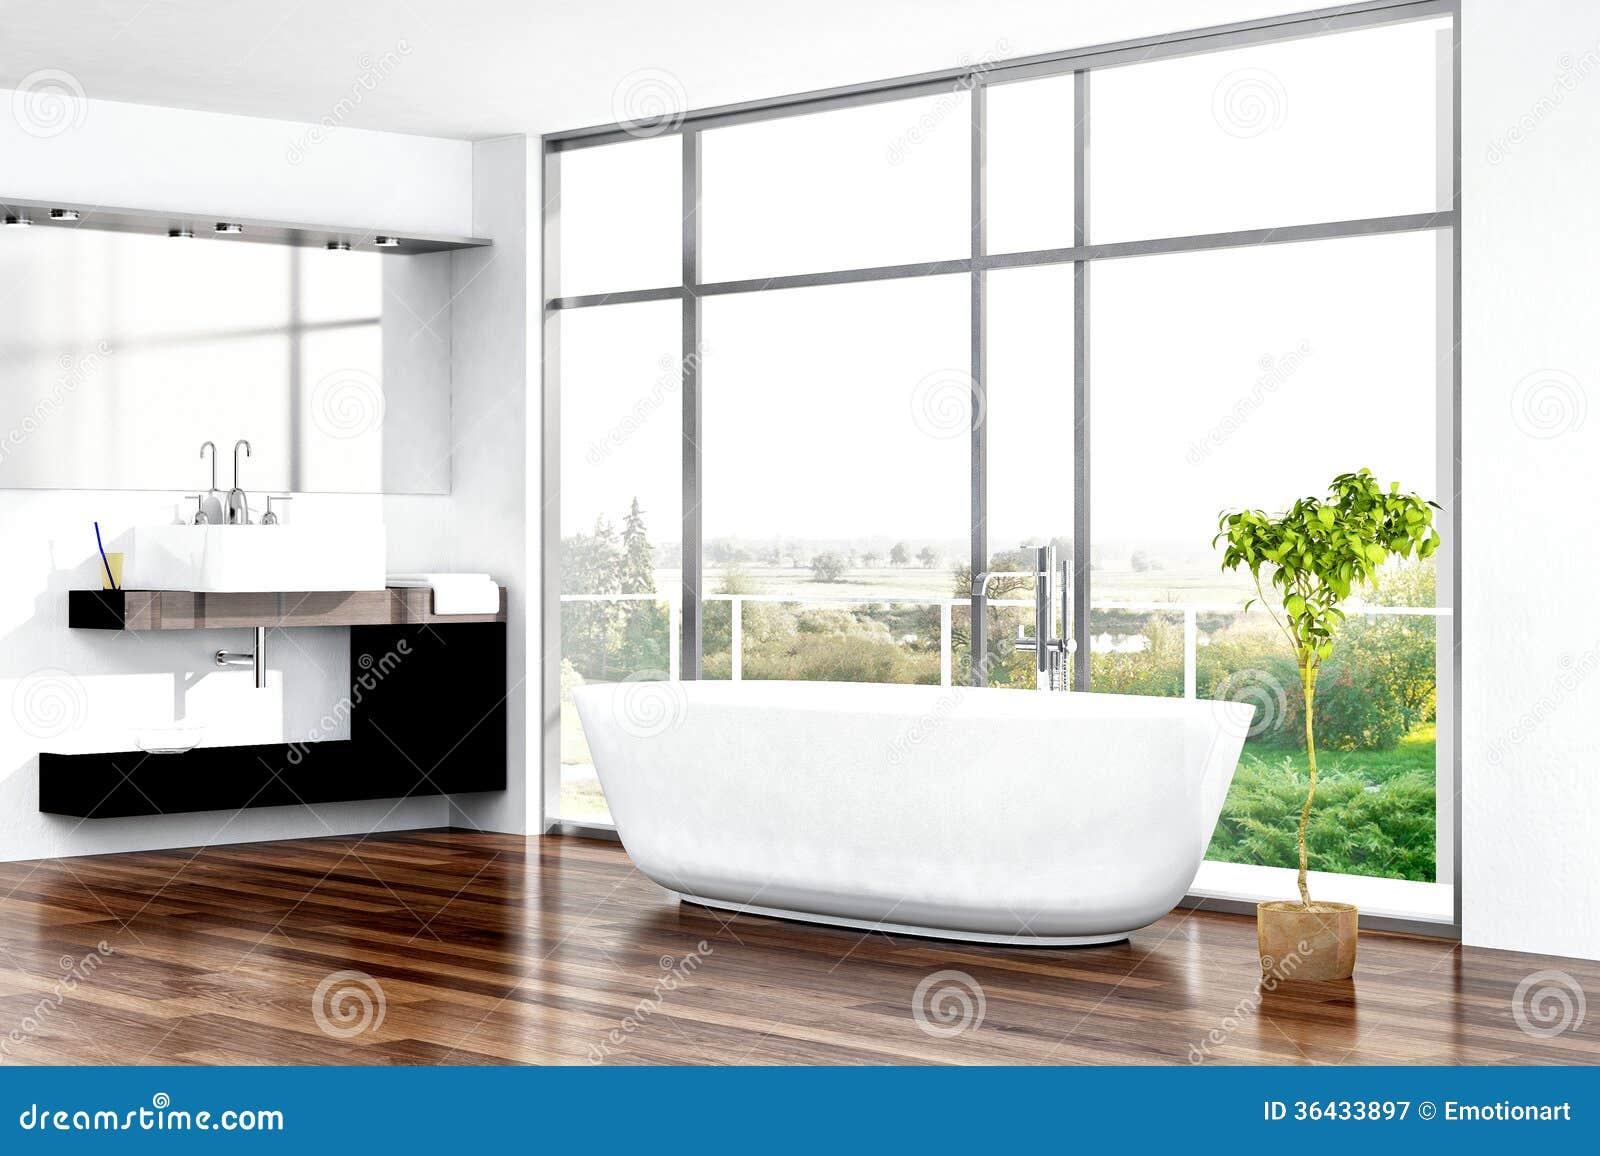 Int rieur moderne de salle de bains avec la baignoire for Salle de bain moderne avec baignoire